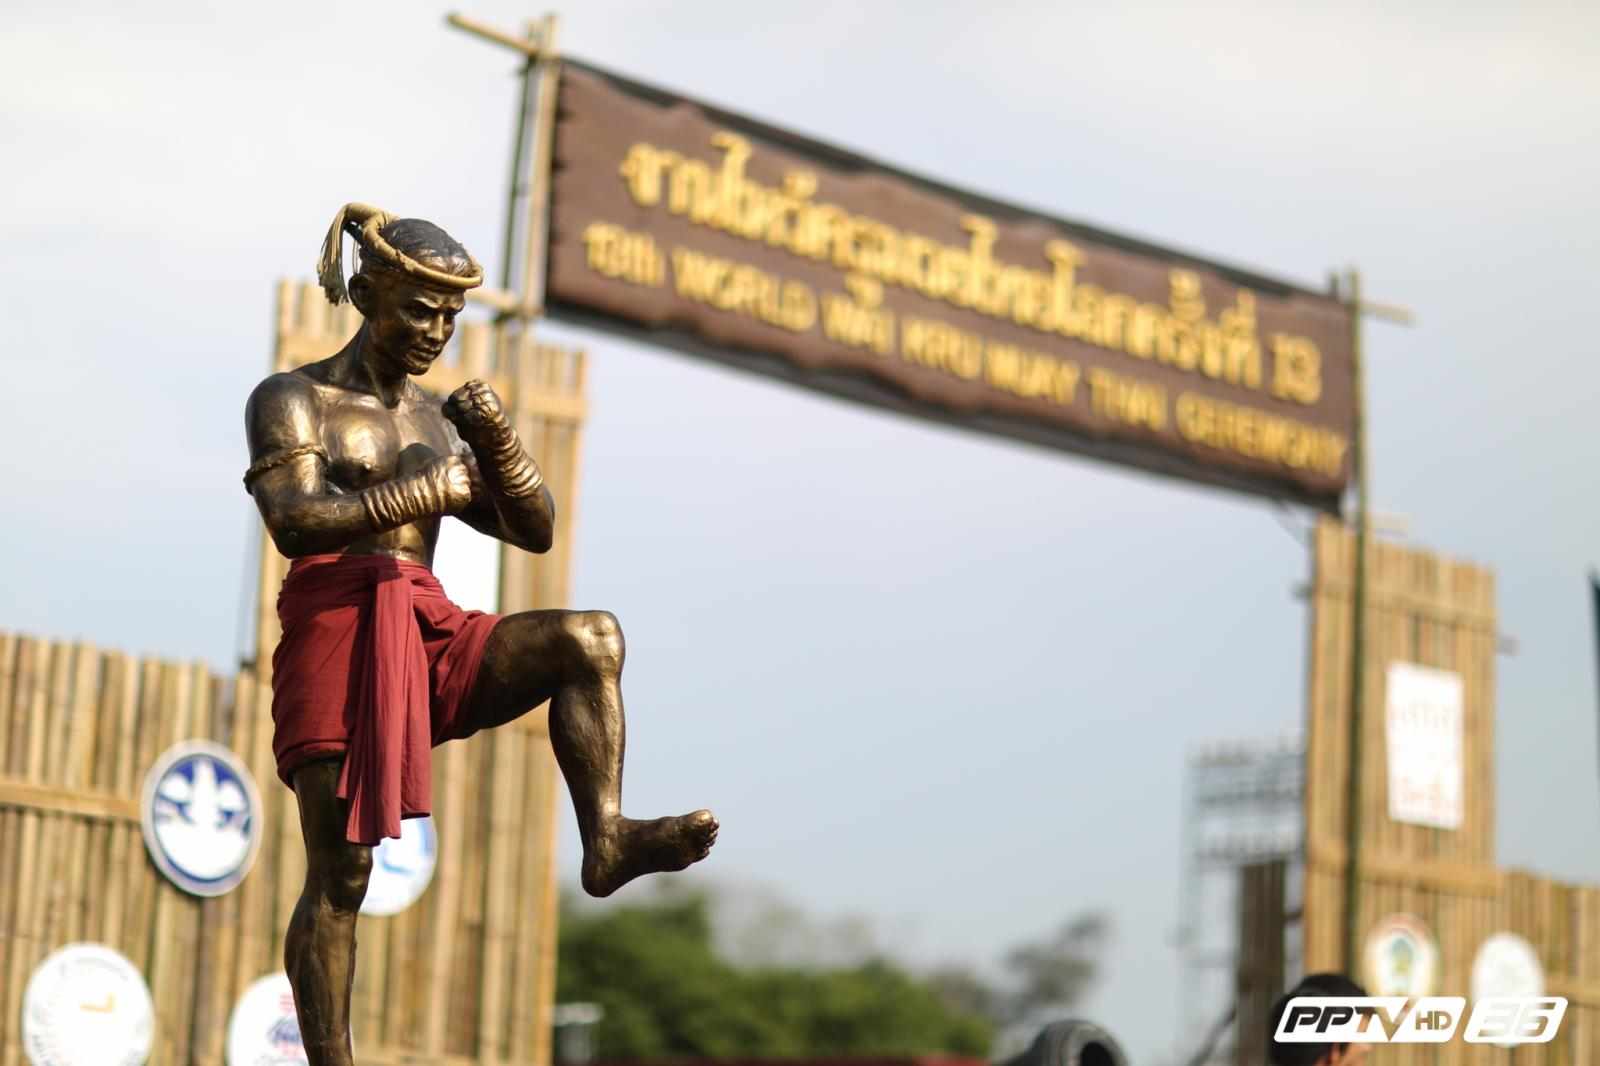 คึกคัก !! นักมวยทั่วโลกนับพัน เข้าร่วมพิธีไหว้ครูมวยไทยโลกครั้งที่ 13